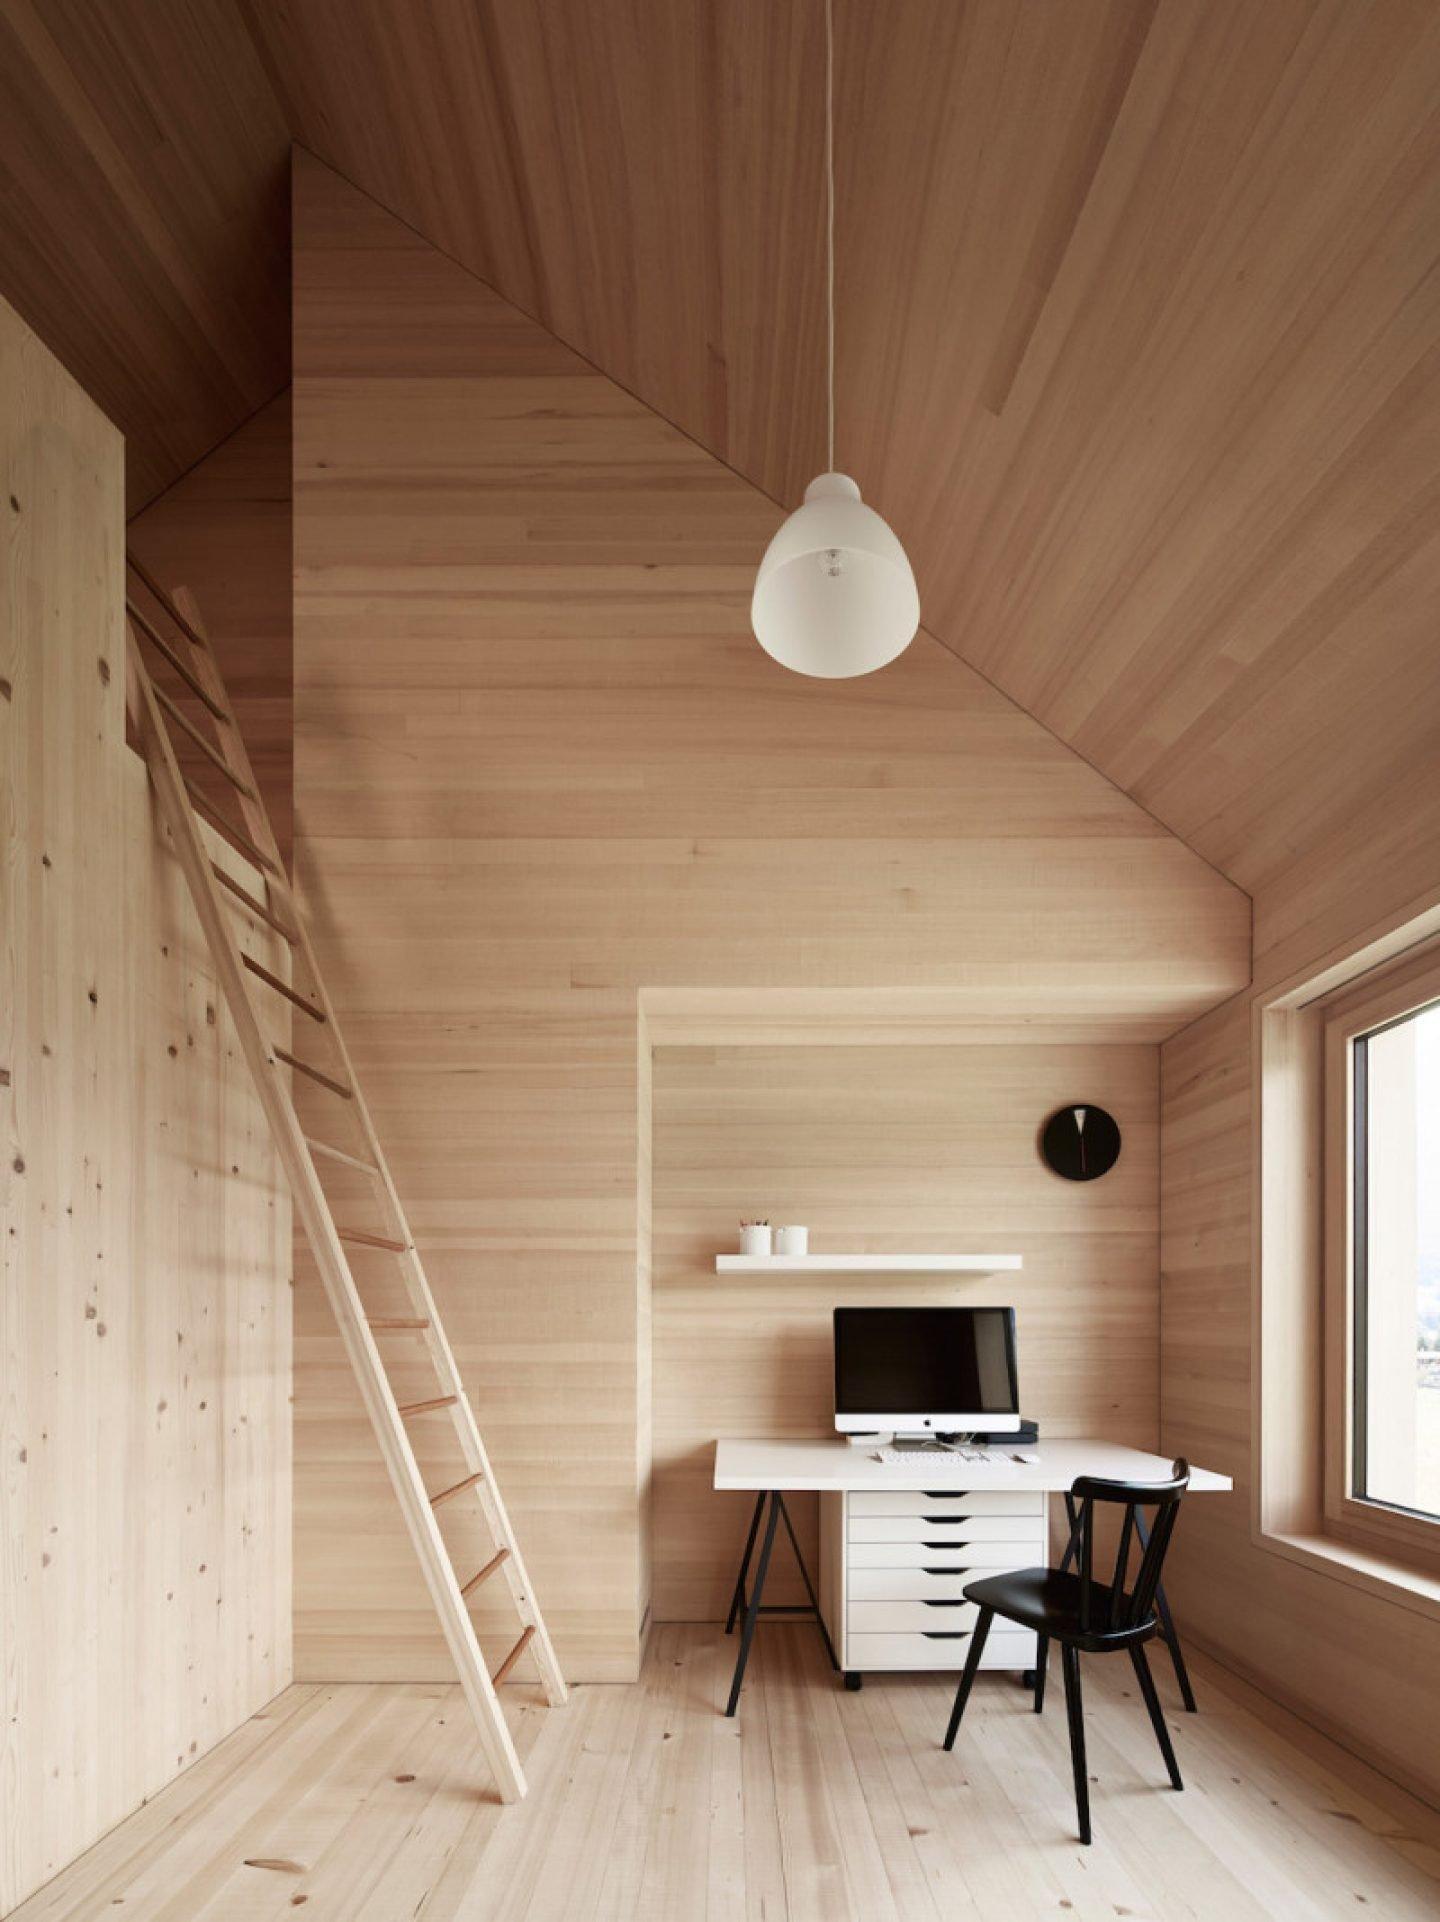 Innauer_Matt_Architecture__HBJ 13_Adolf Bereuter